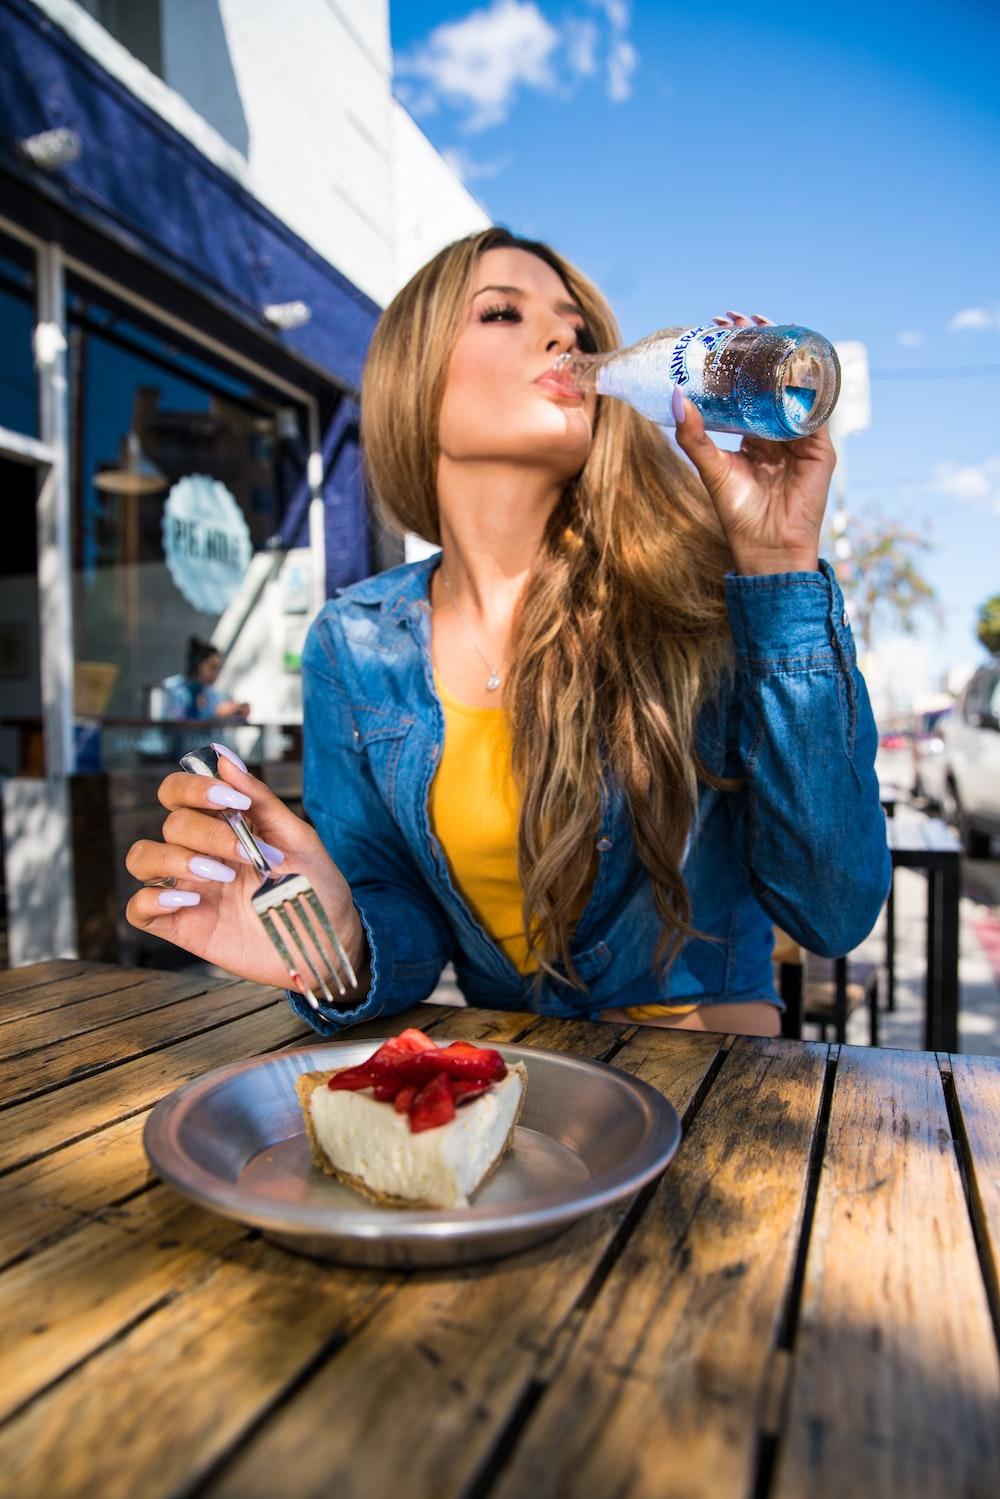 woman in blue denim jacket drinking water from bottle